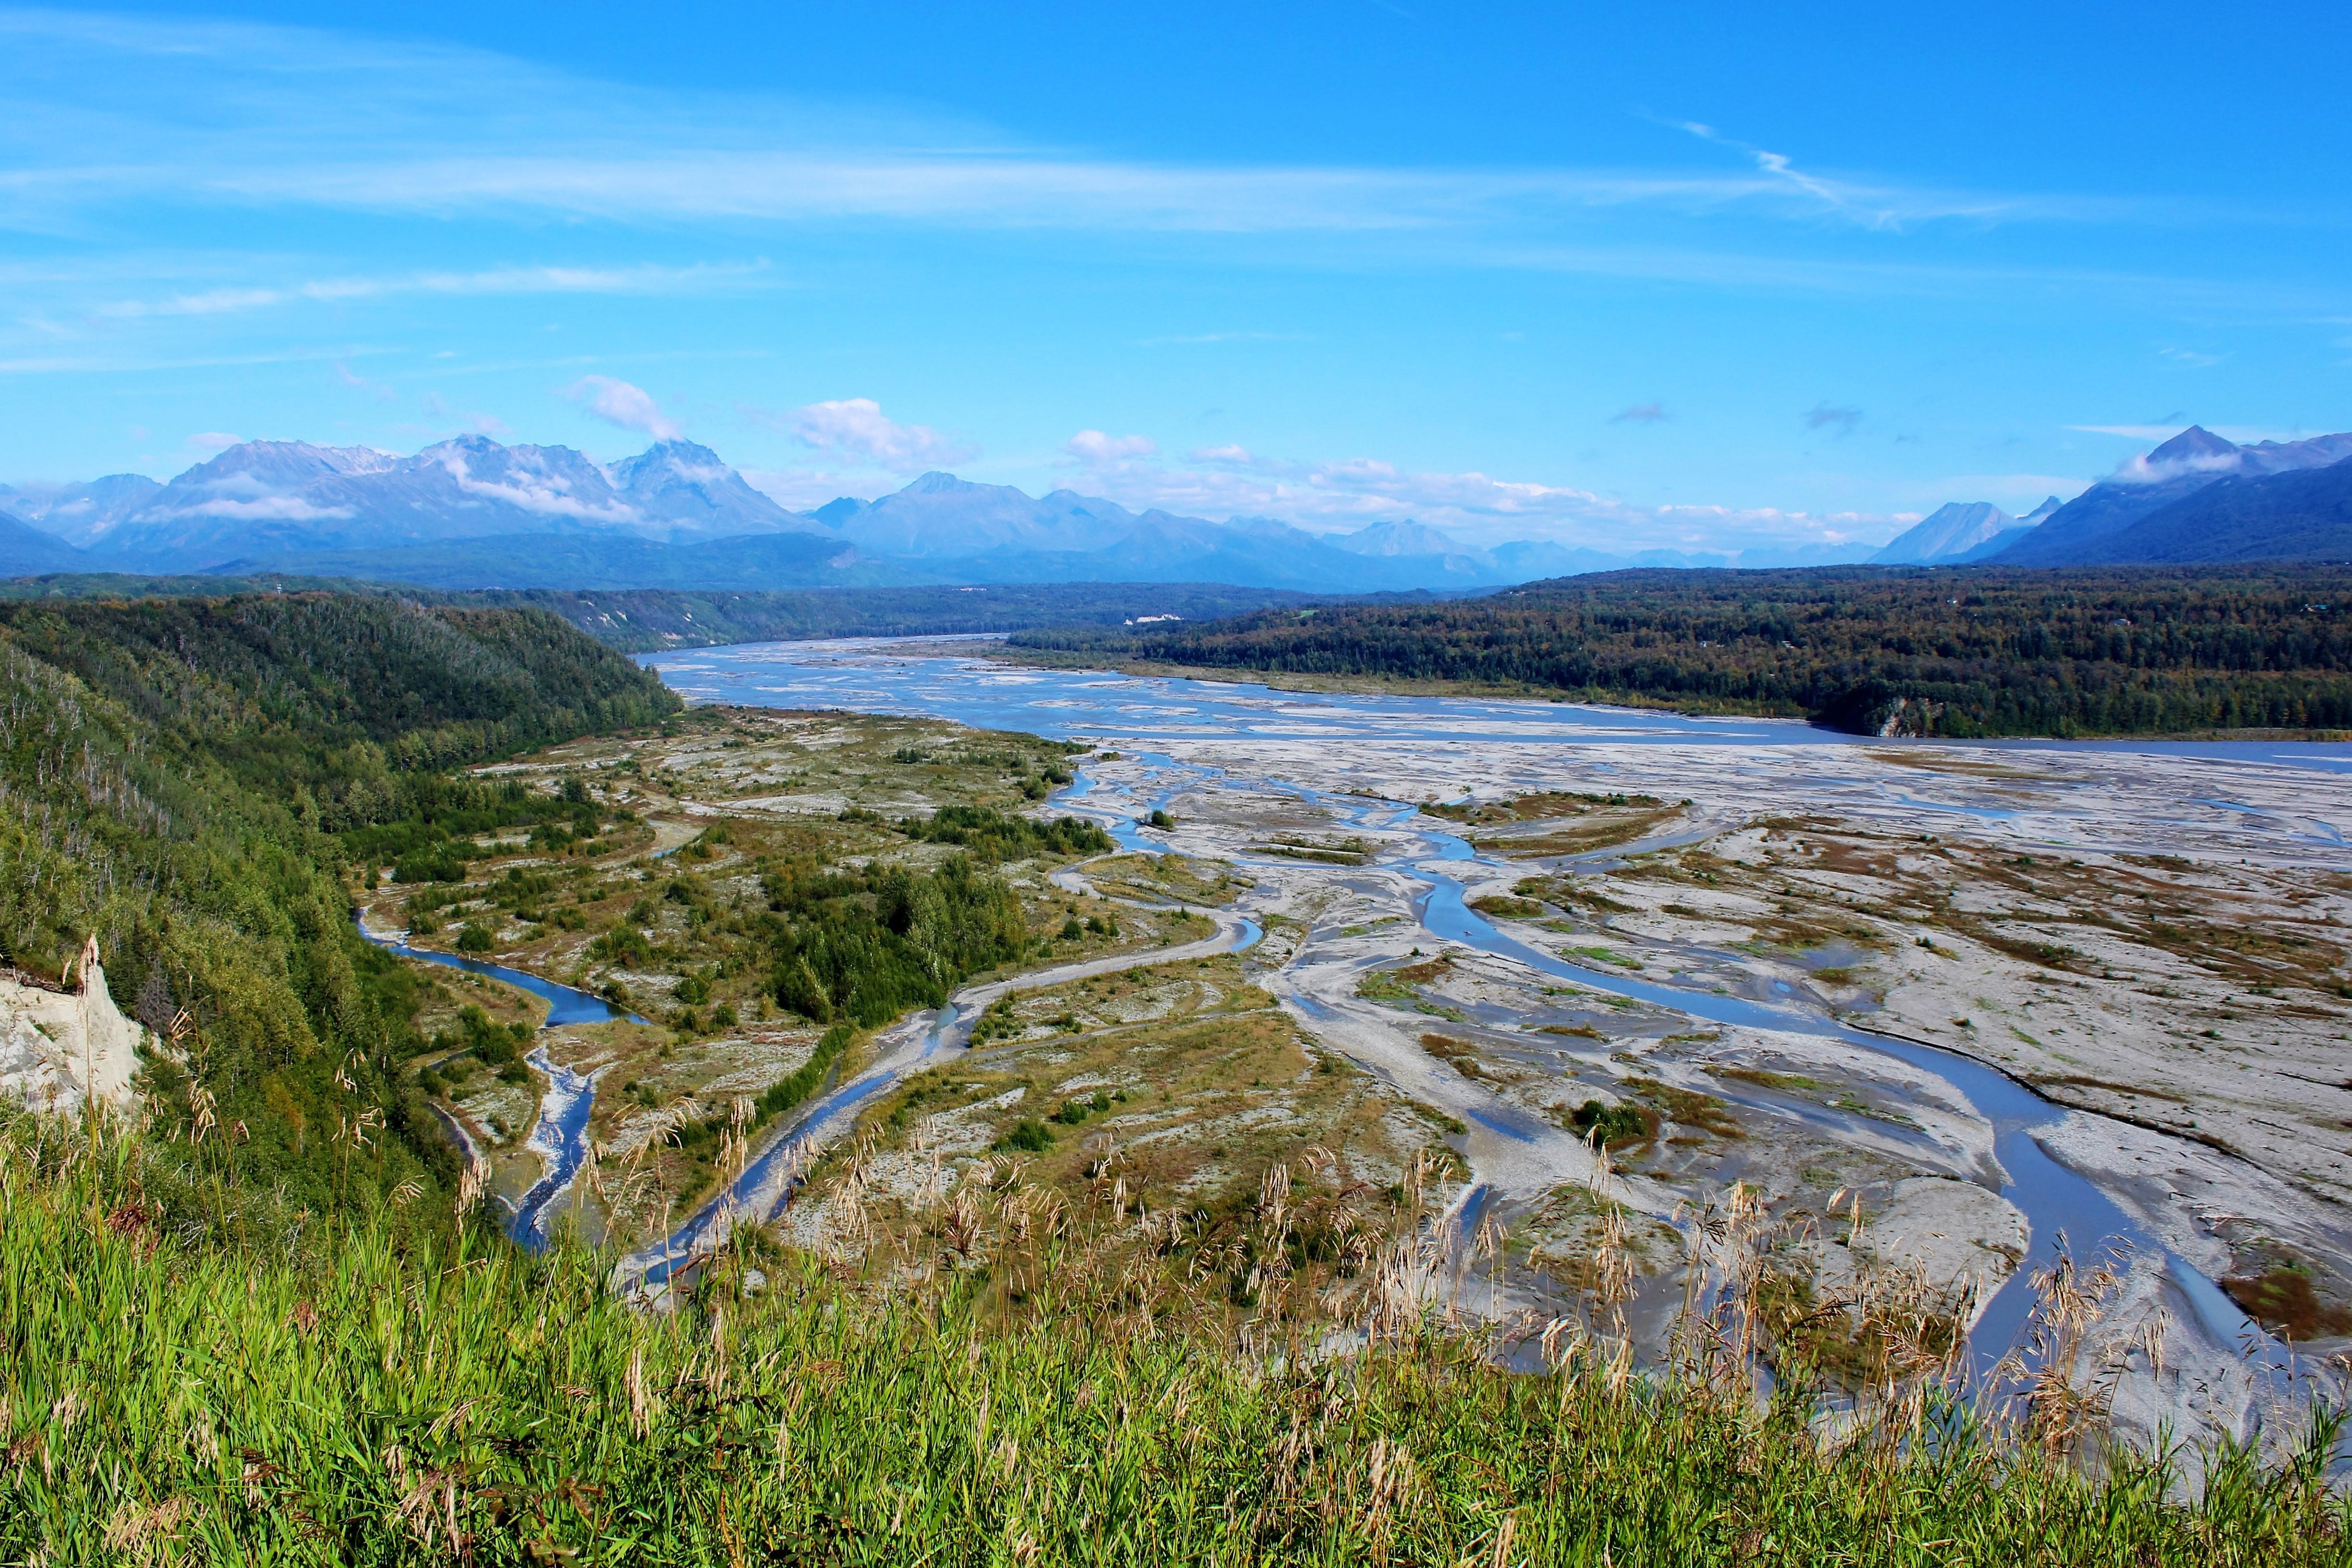 Palmer Alaska by Robert Swetz